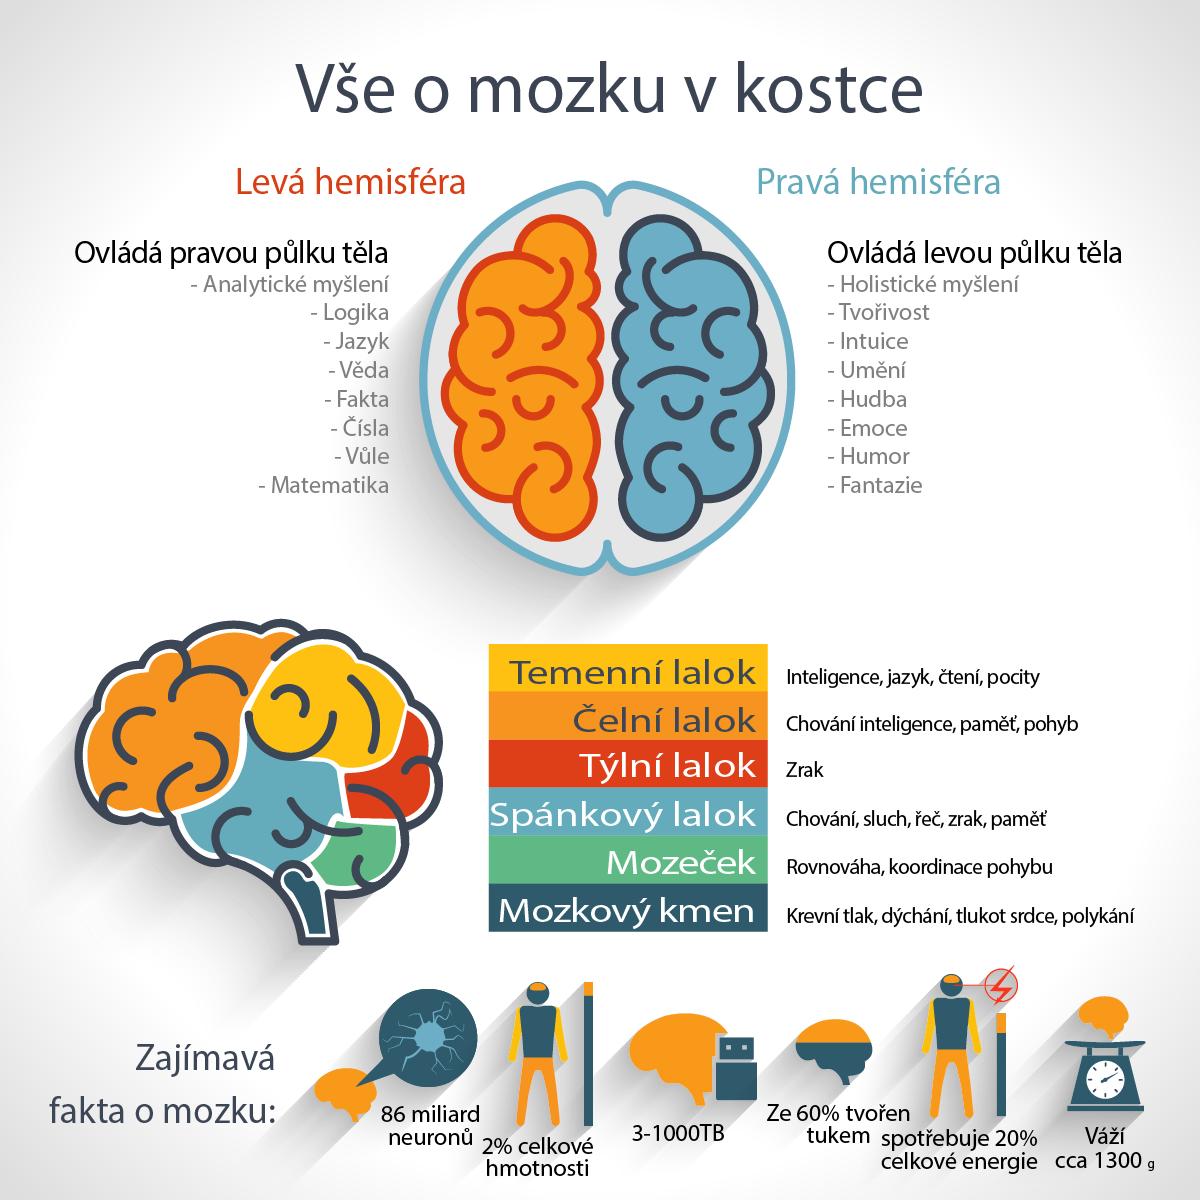 Vše, co jste chtěli vědět o mozku a báli jste se zeptat